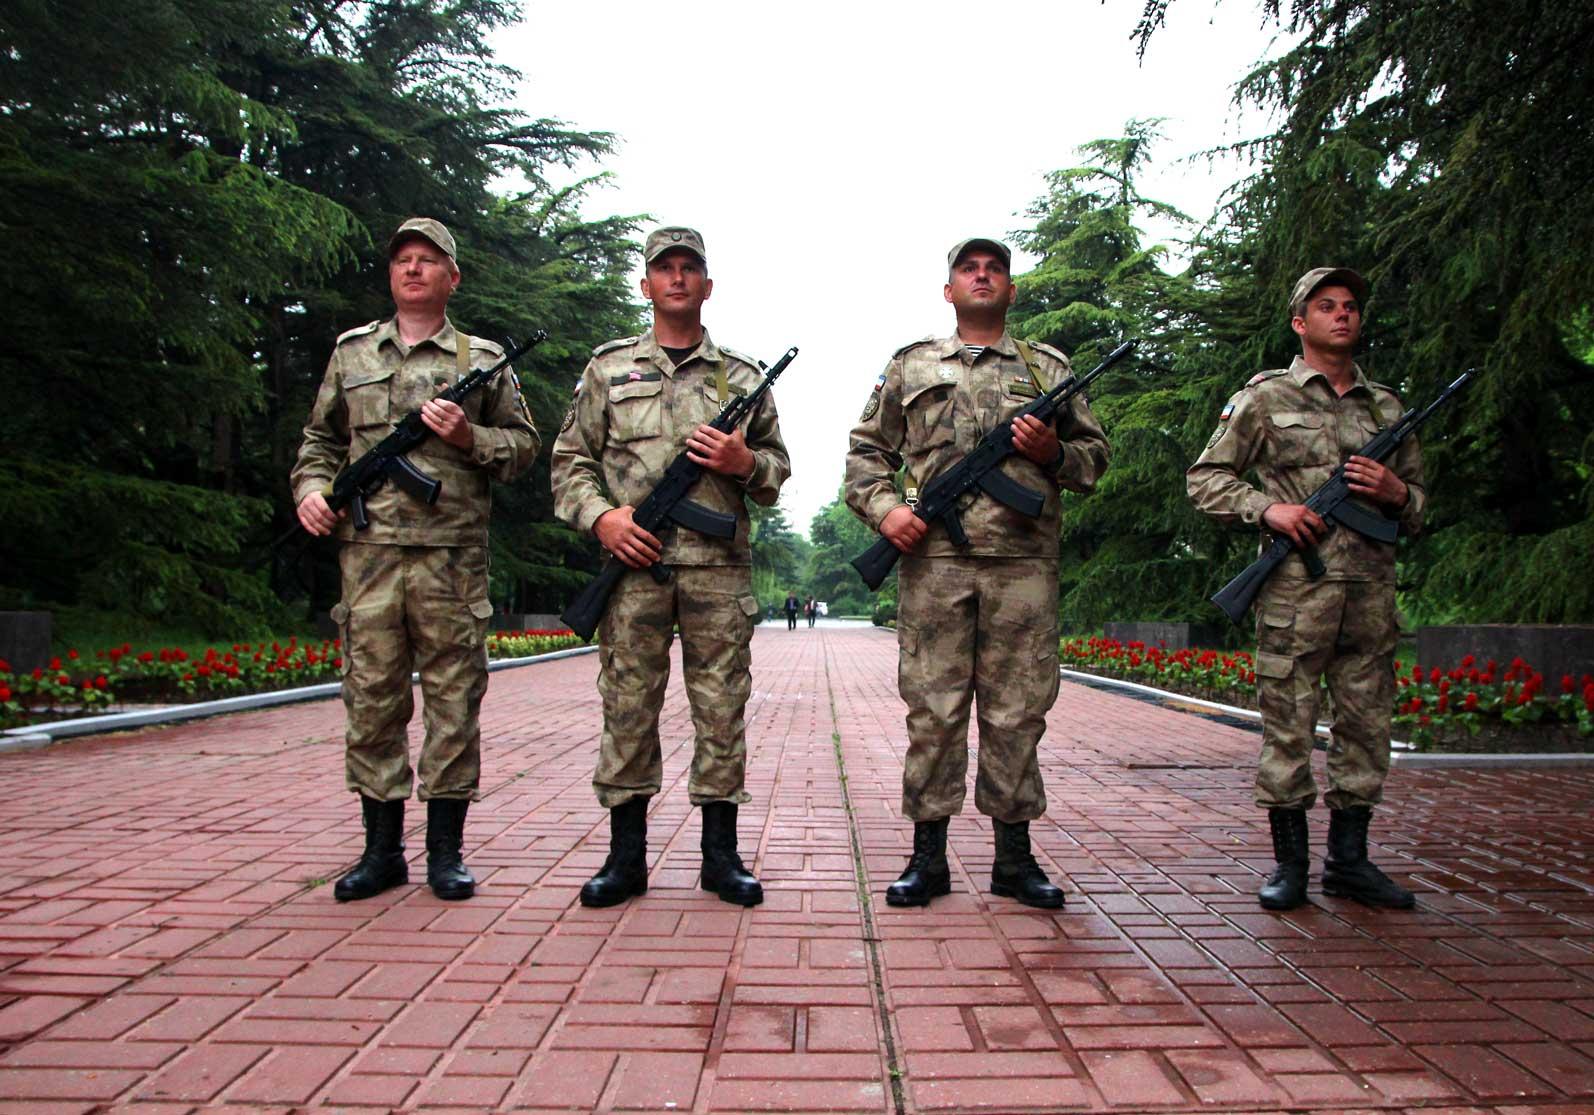 Ополчение приняло участие в акции «Построение боевого расчета пограничников России» 4